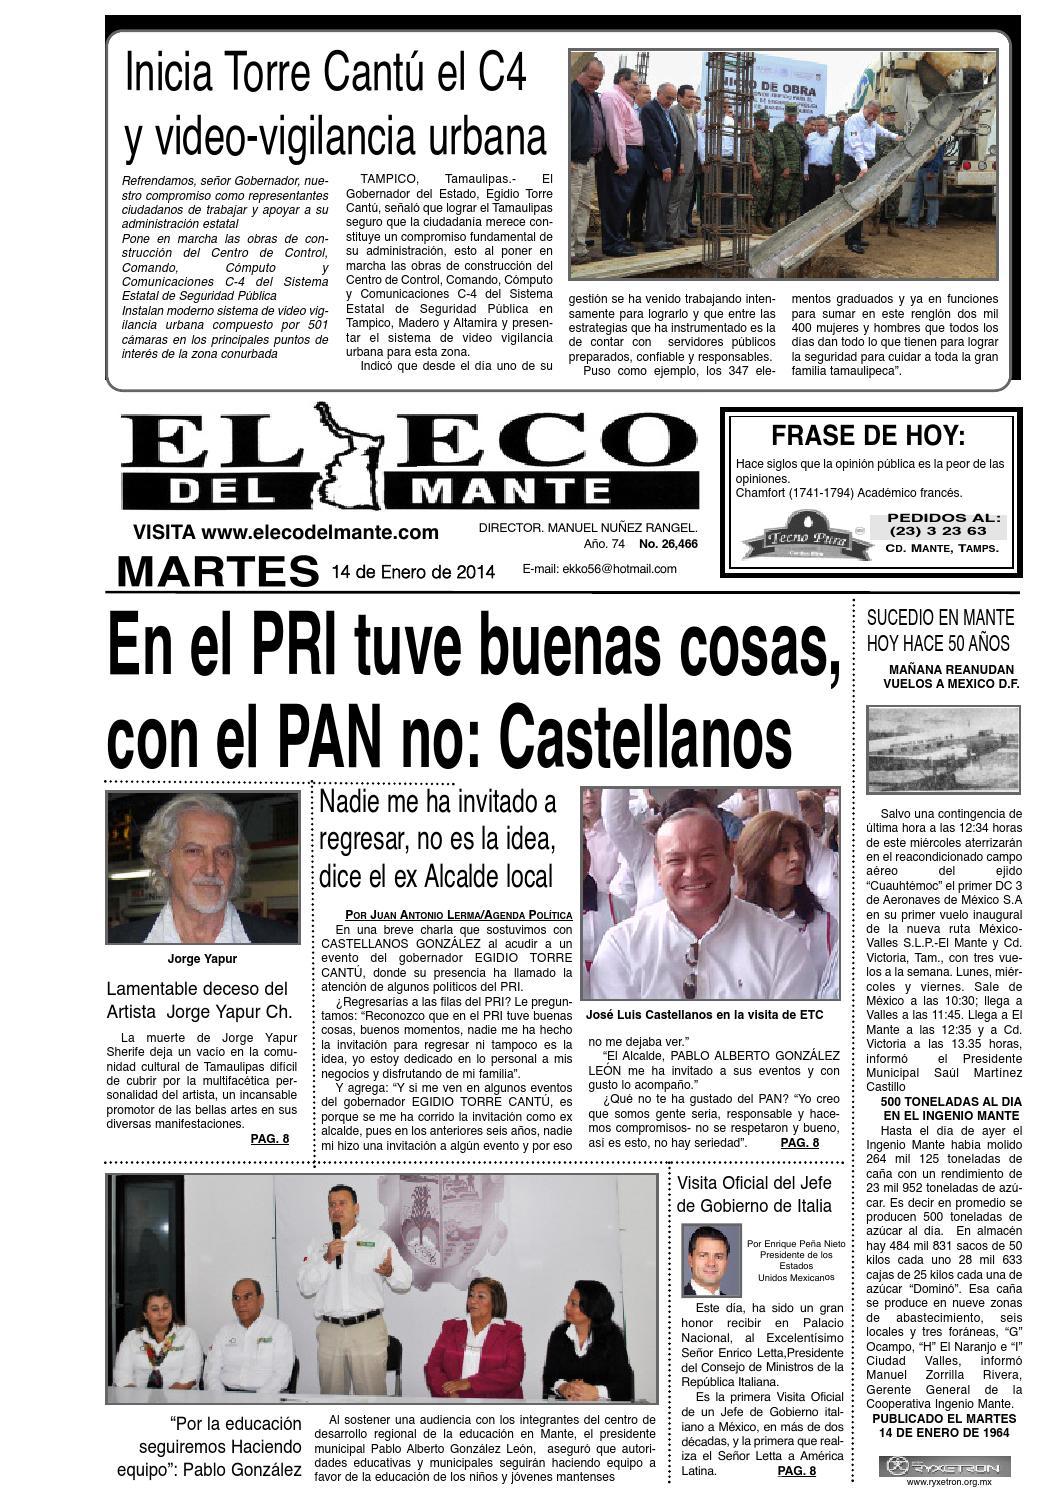 Edición 14 01 2014 by El Eco del Mante - issuu